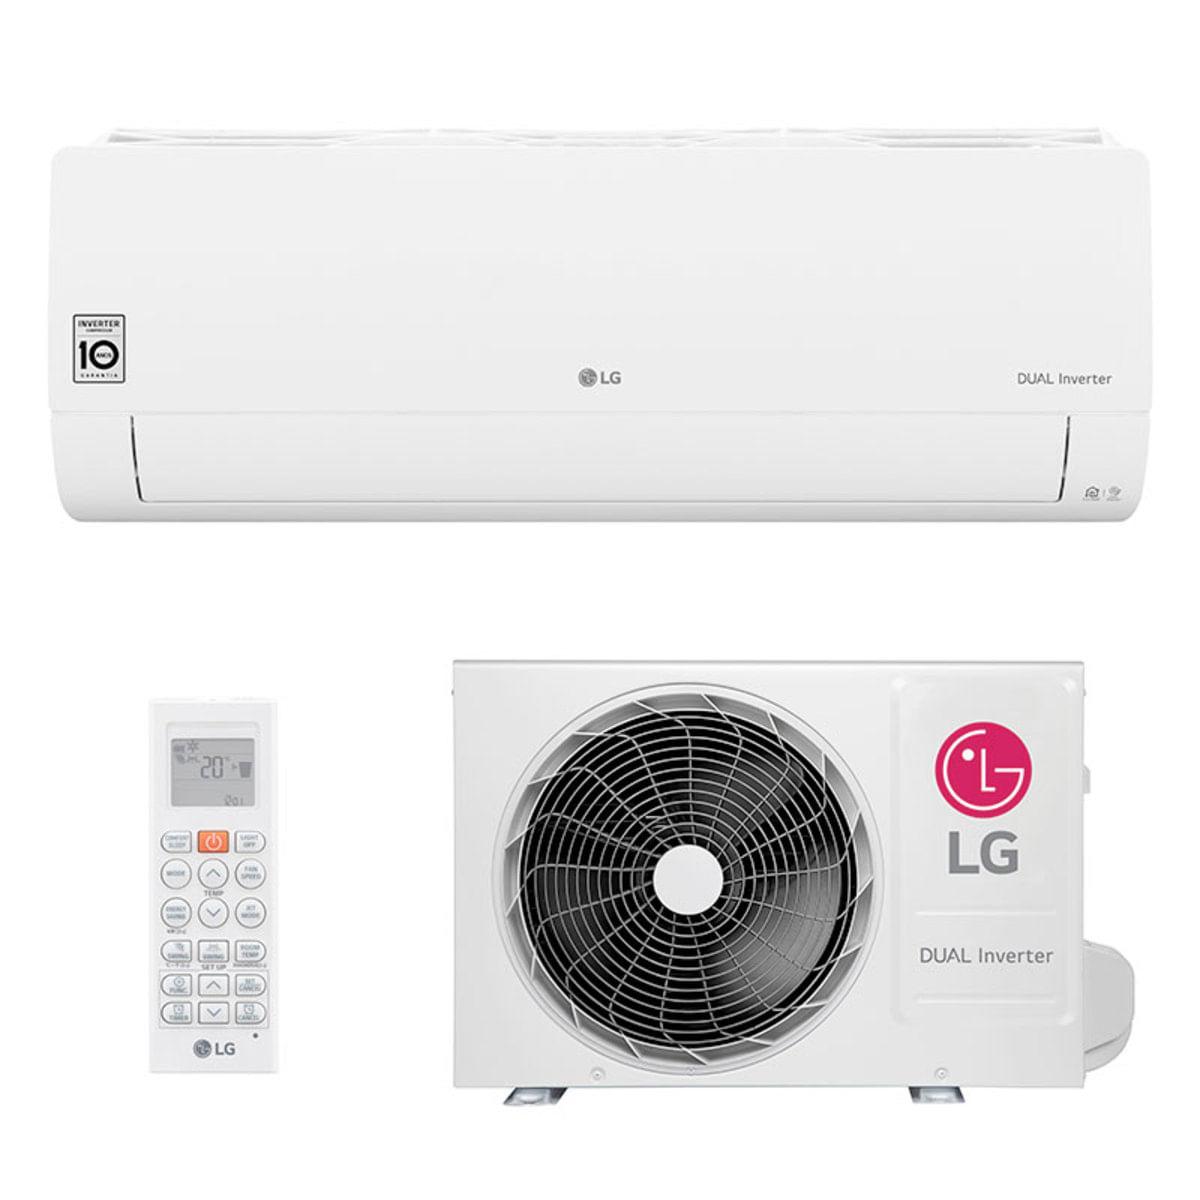 Ar-condicionado Split LG 12.000 BTUs Frio Dual Inverter Voice S4UQ12JA31C/S4NQ12JA31C